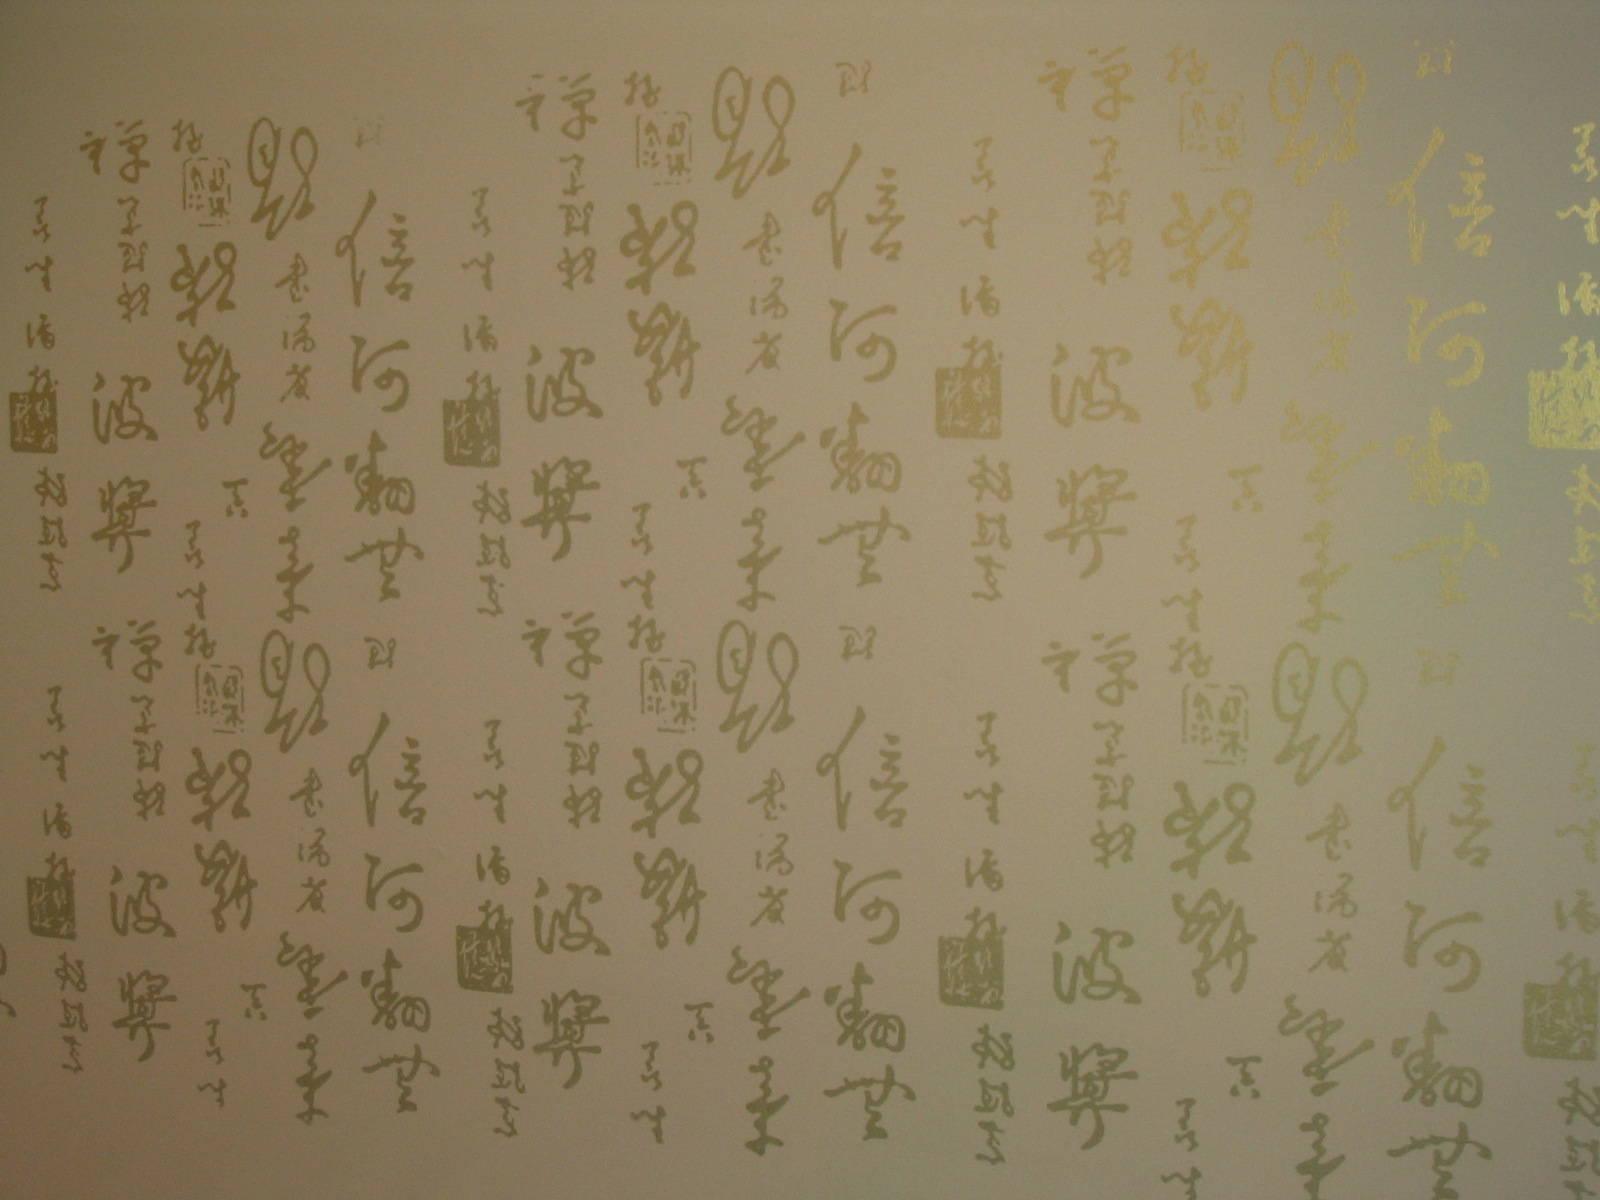 武汉忆江南幻图漆武汉液体专业壁纸软件建筑设计墙纸艺术